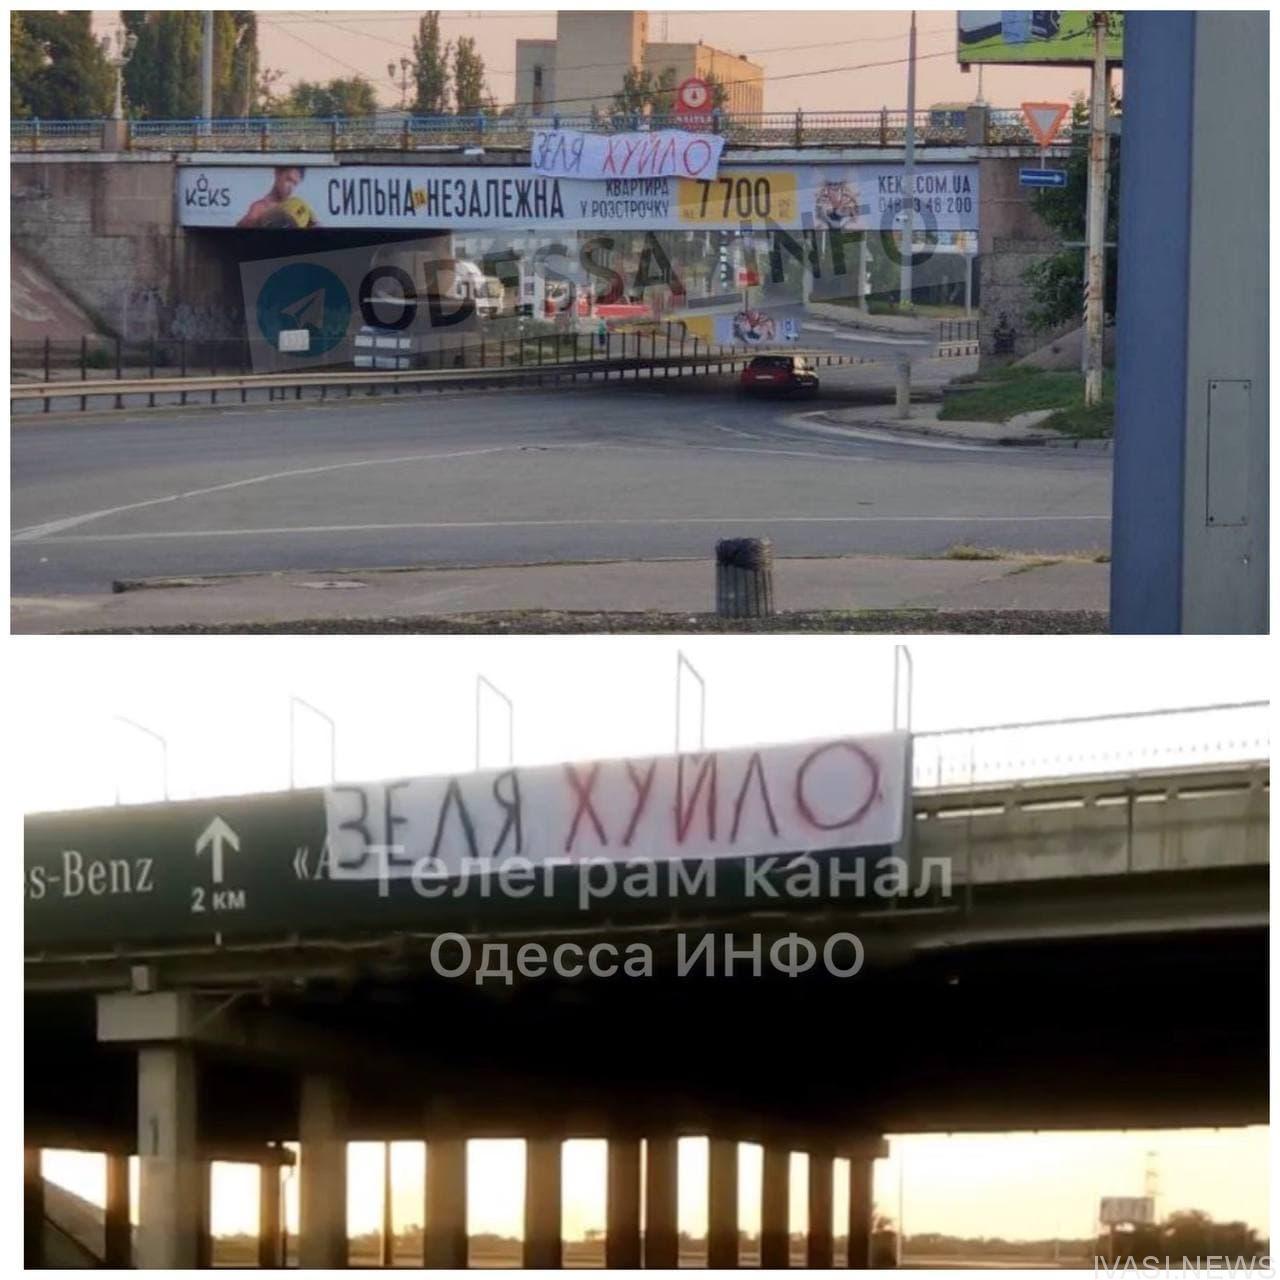 В Одессе неизвестные развесили баннеры, оскорбляющие Президента Украины